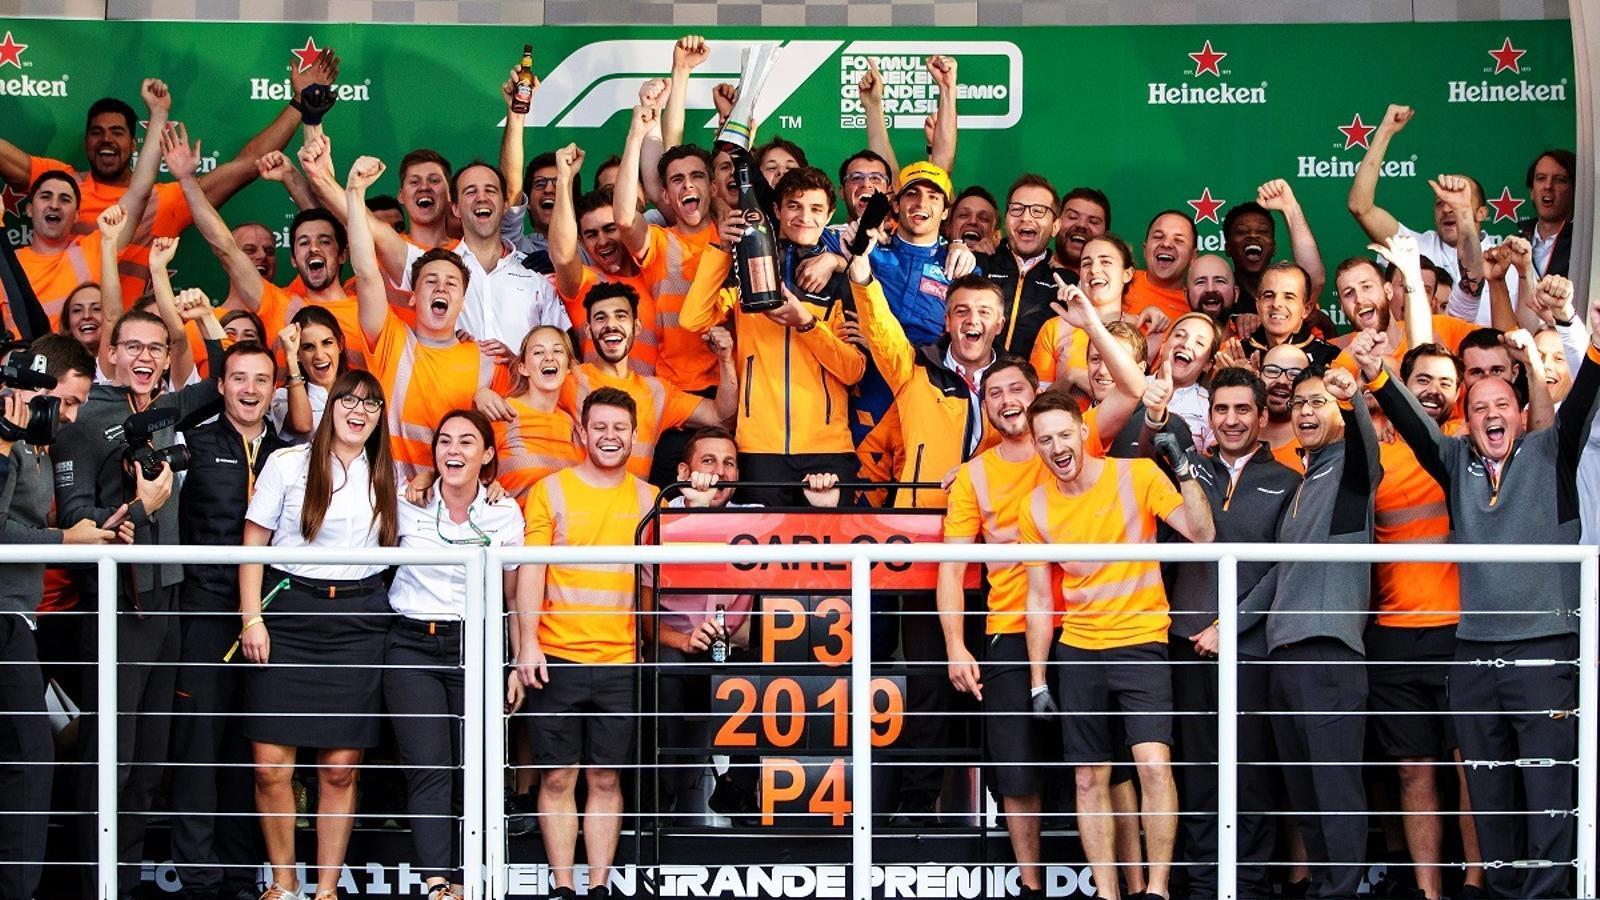 Tres hores després de veure la bandera a quadres, Carlos Sainz va pujar amb el seu equip al podi d'Interlagos